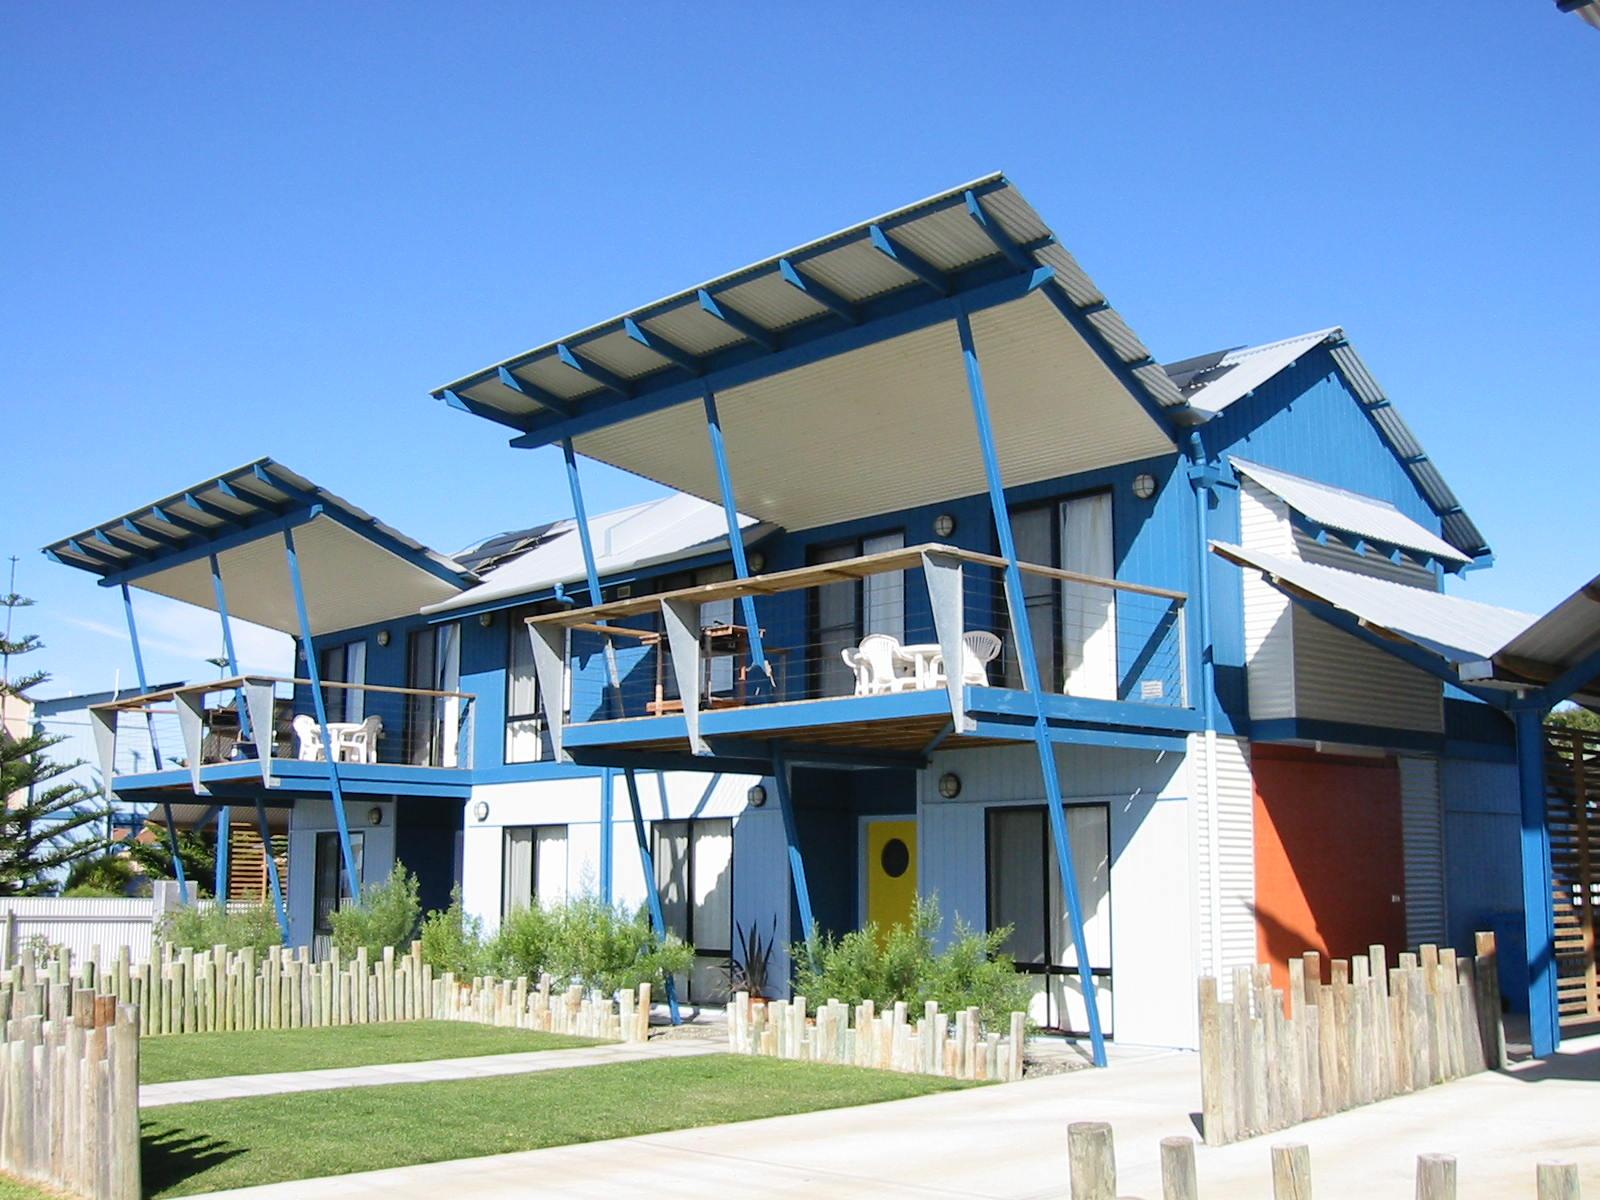 Esperance Seaside Apartments  - WA, 1998-2001